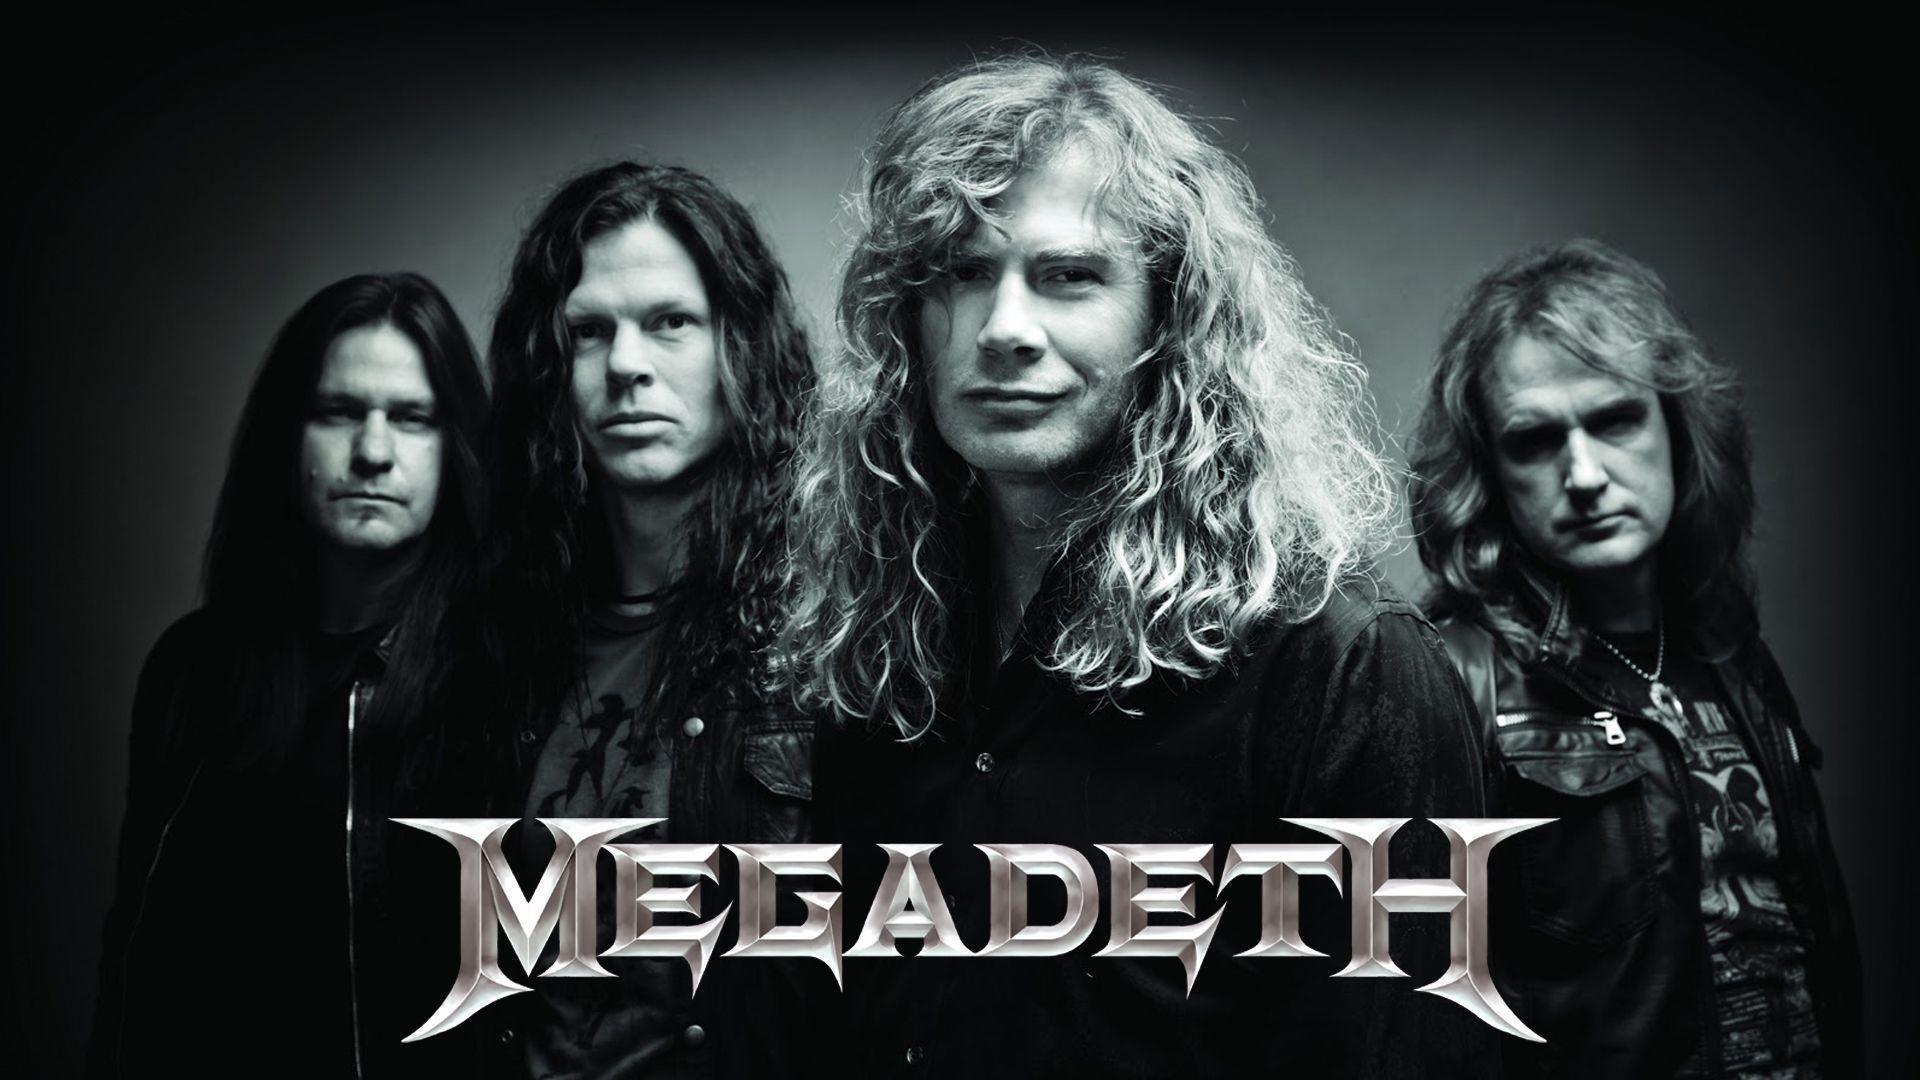 Megadeth Wallpapers - Wallpaper Cave